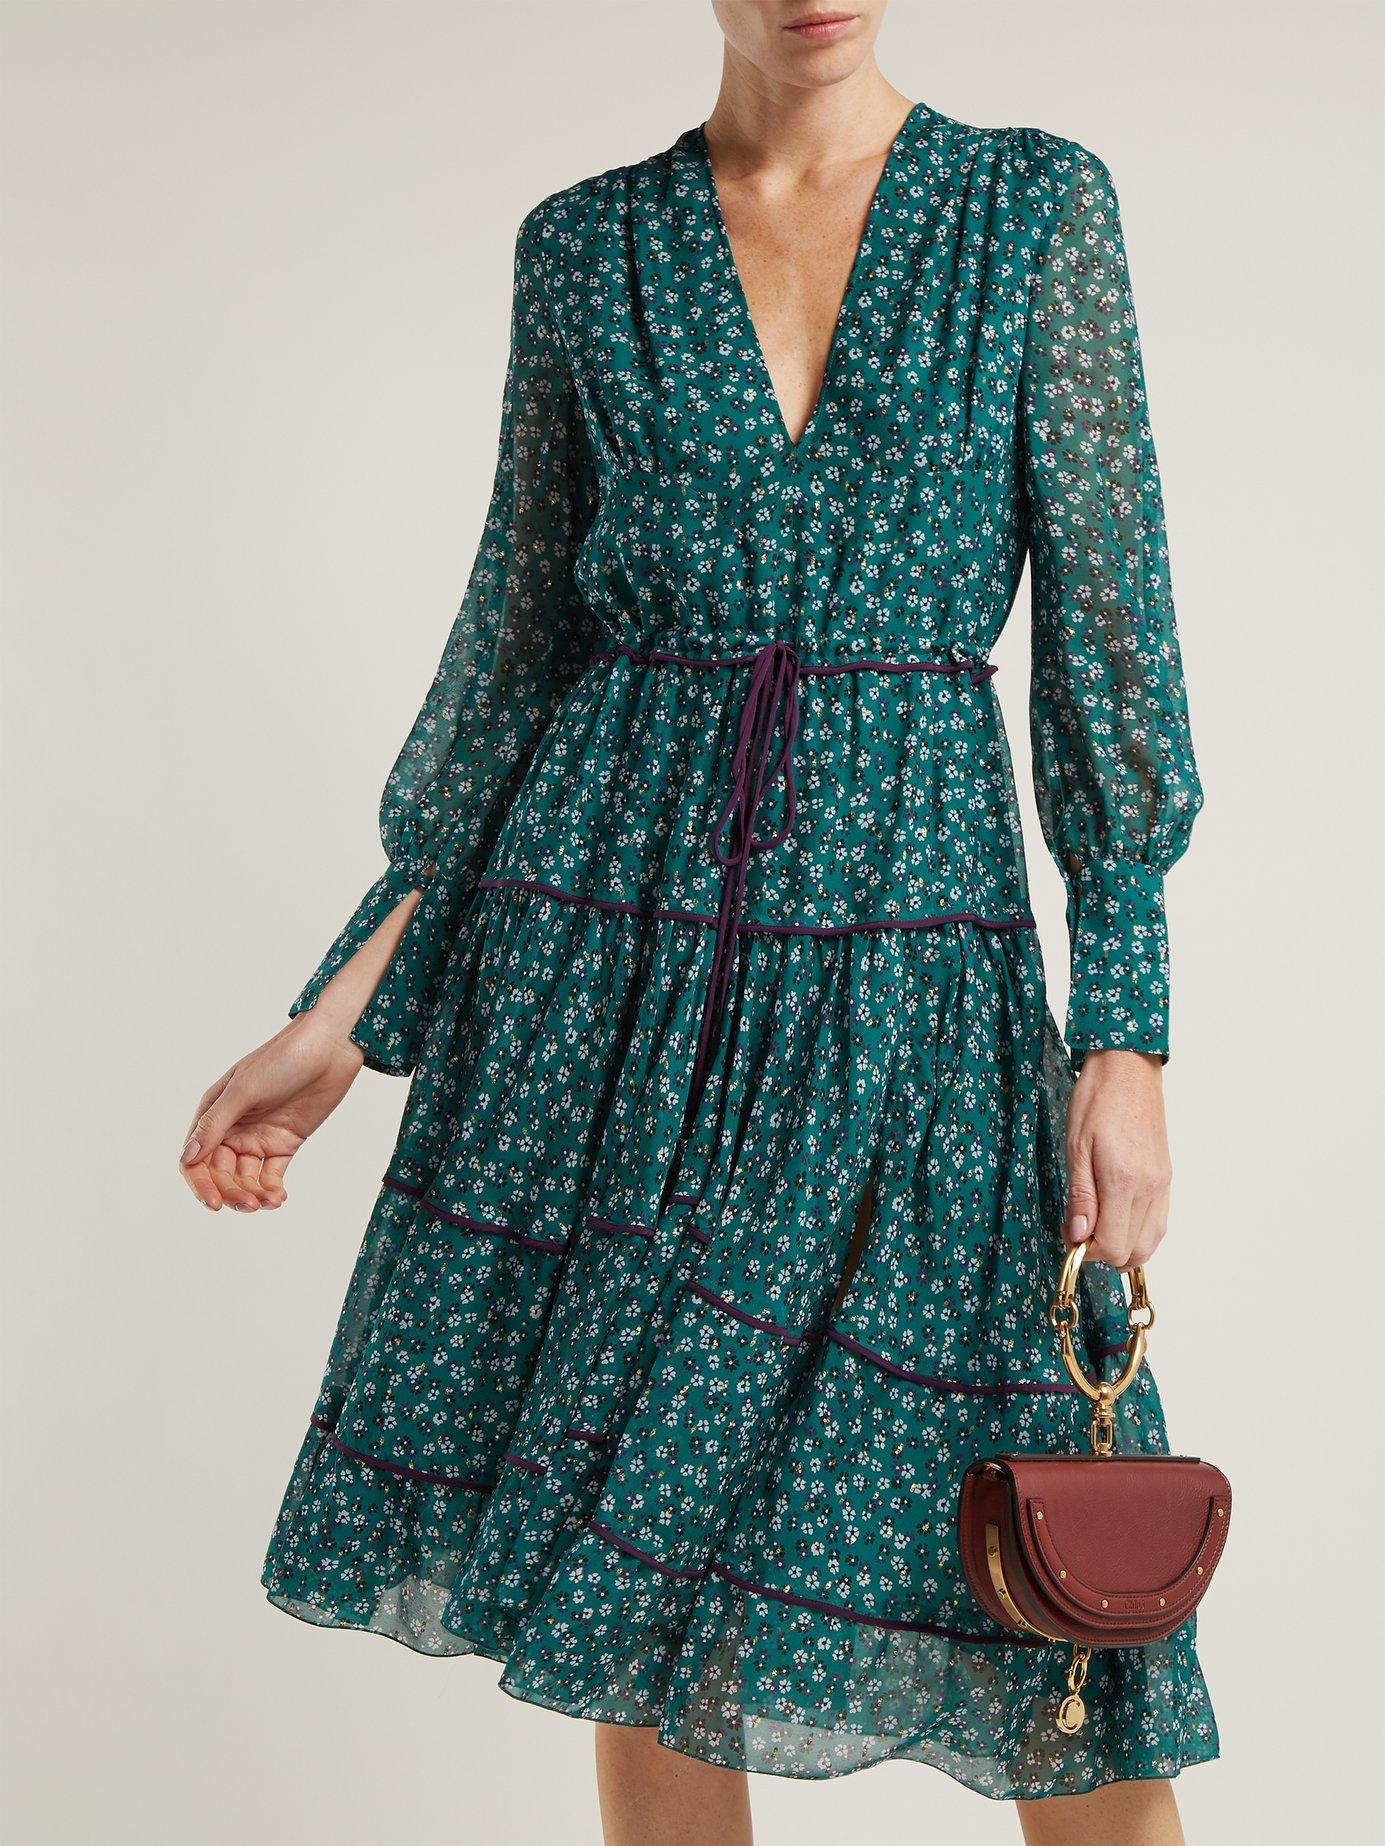 Isabel floral-print dress by Altuzarra